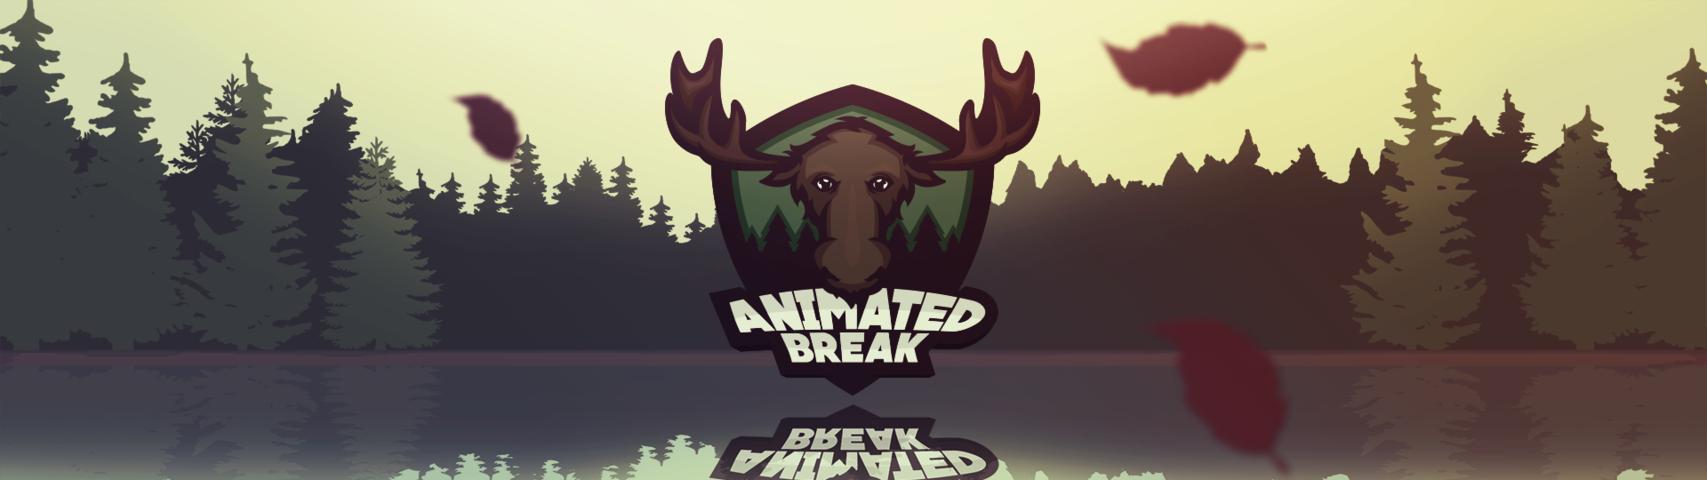 Animatedbreak